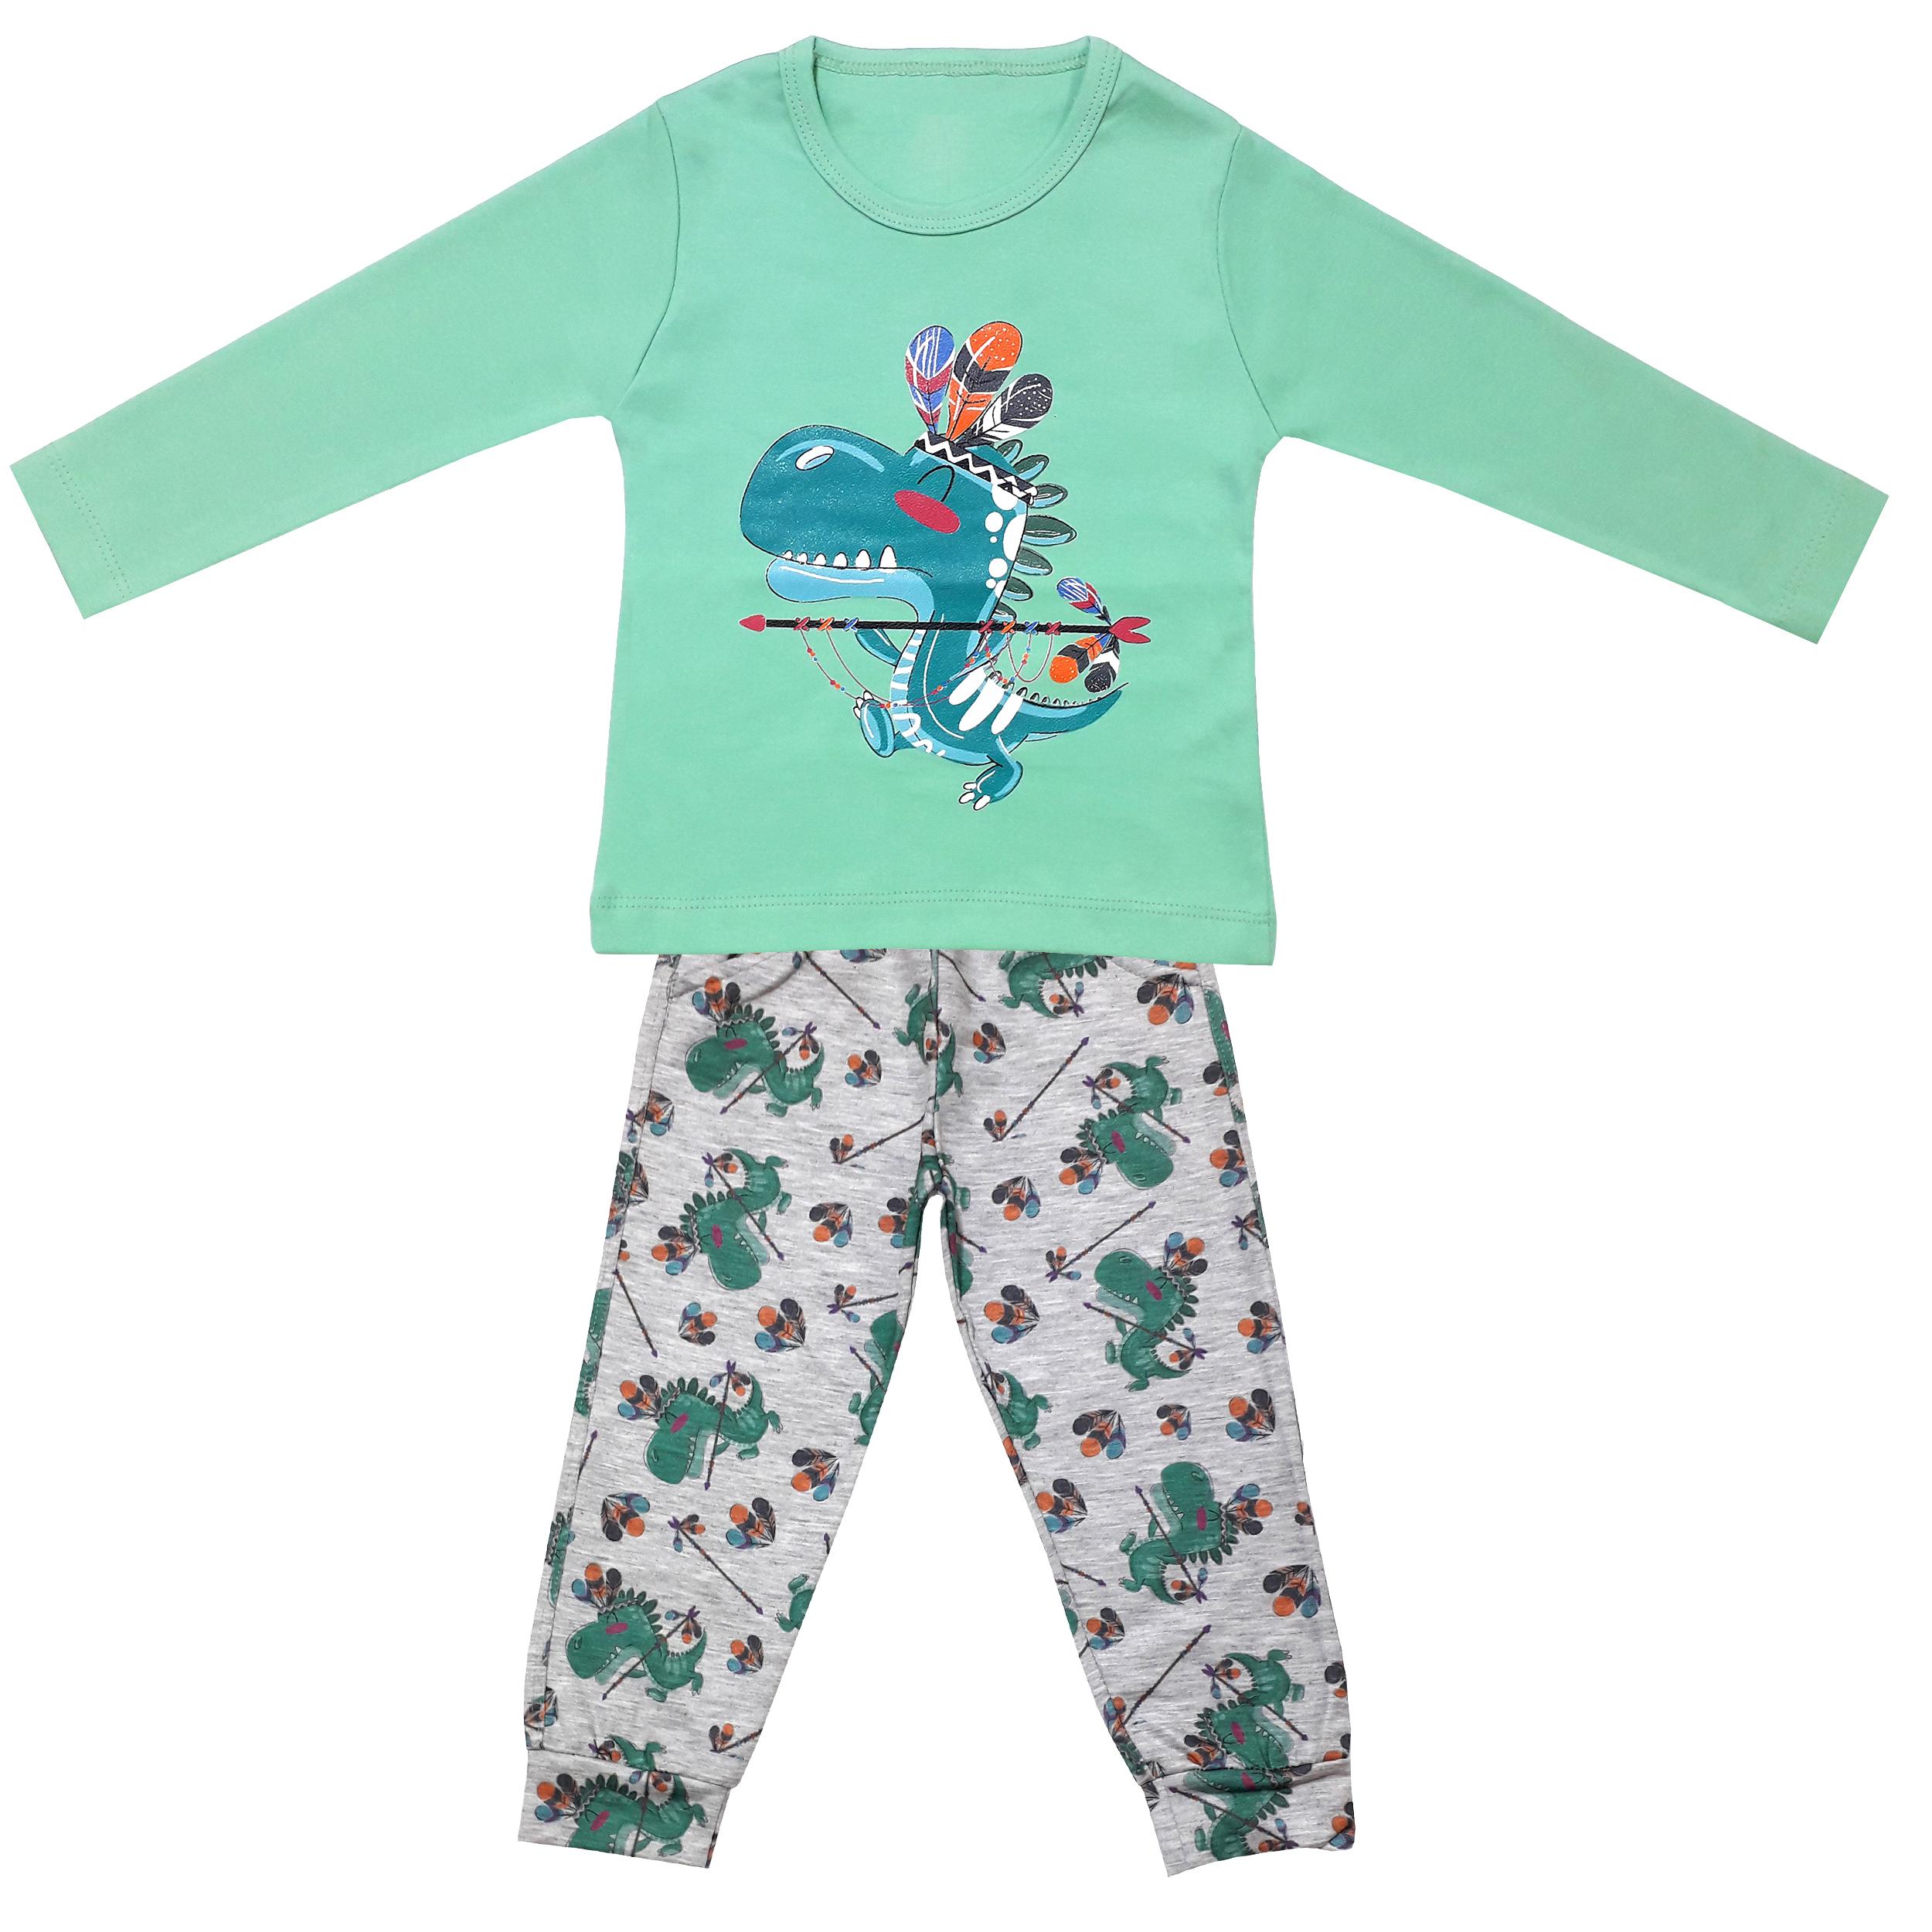 ست تی شرت و شلوار پسرانه طرح دایناسور کد 3276 رنگ سبز